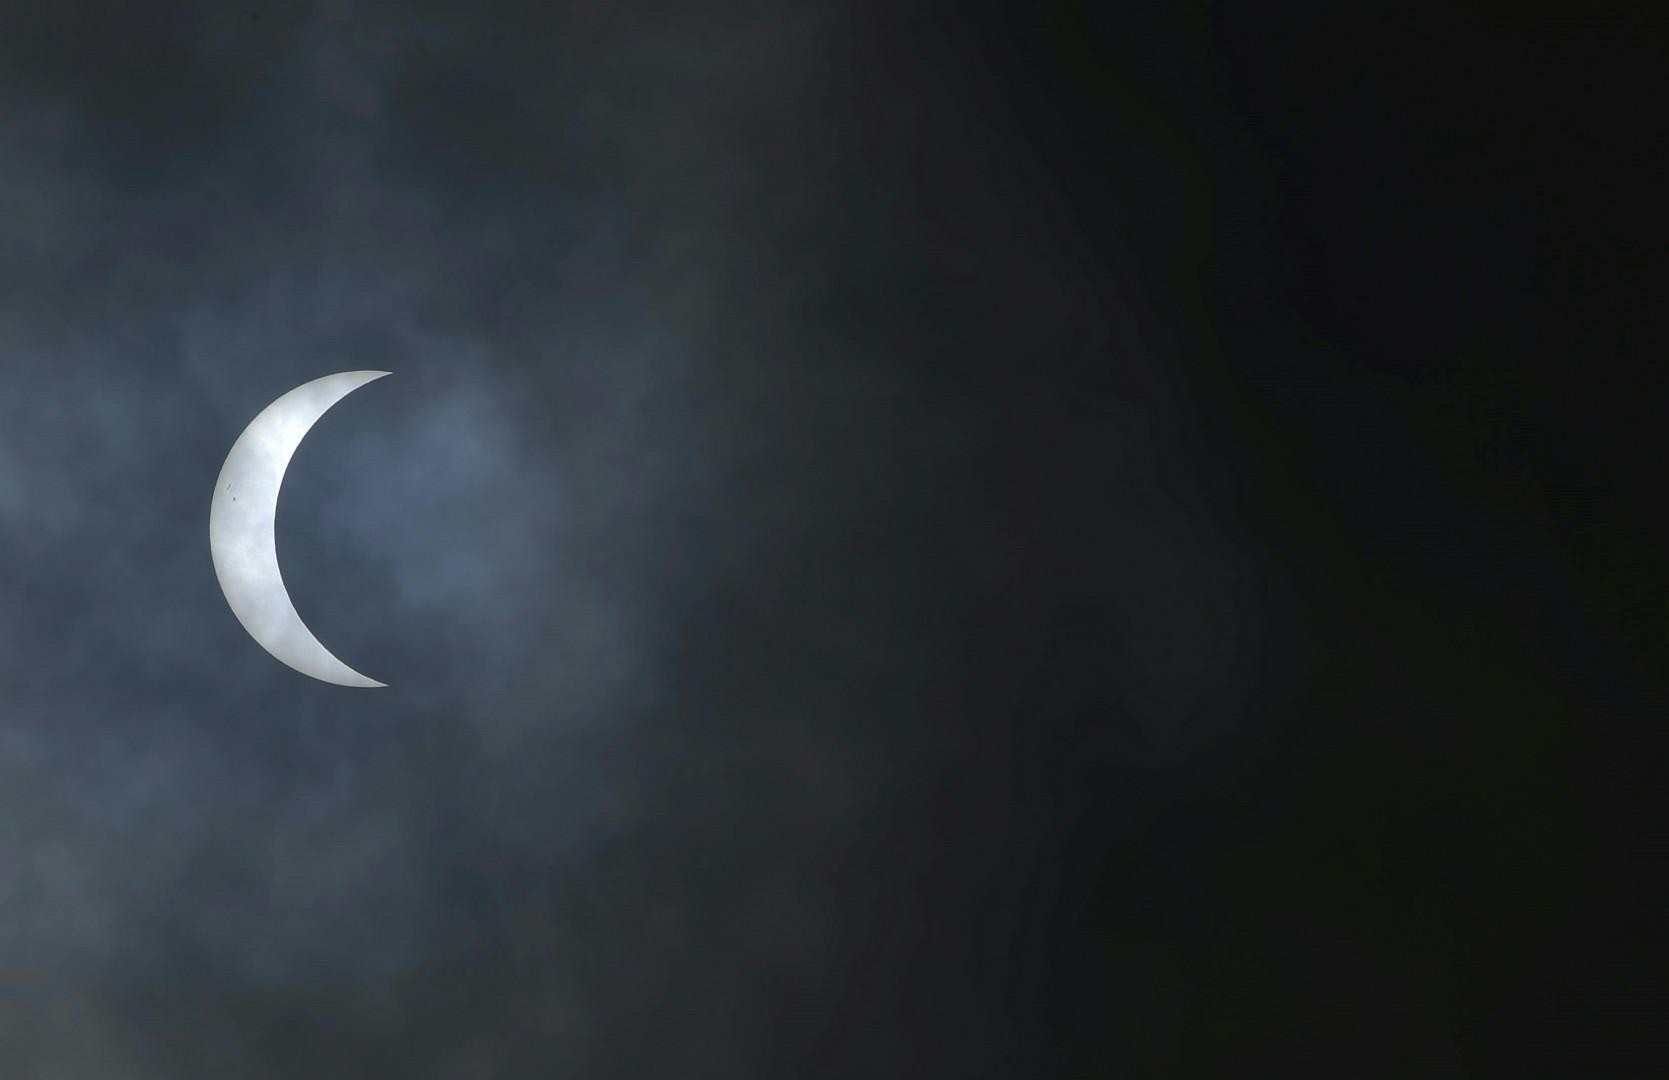 L'éclipse solaire a été visible depuis la quasi-totalité du territoire des États-Unis, le 21 août 2017.